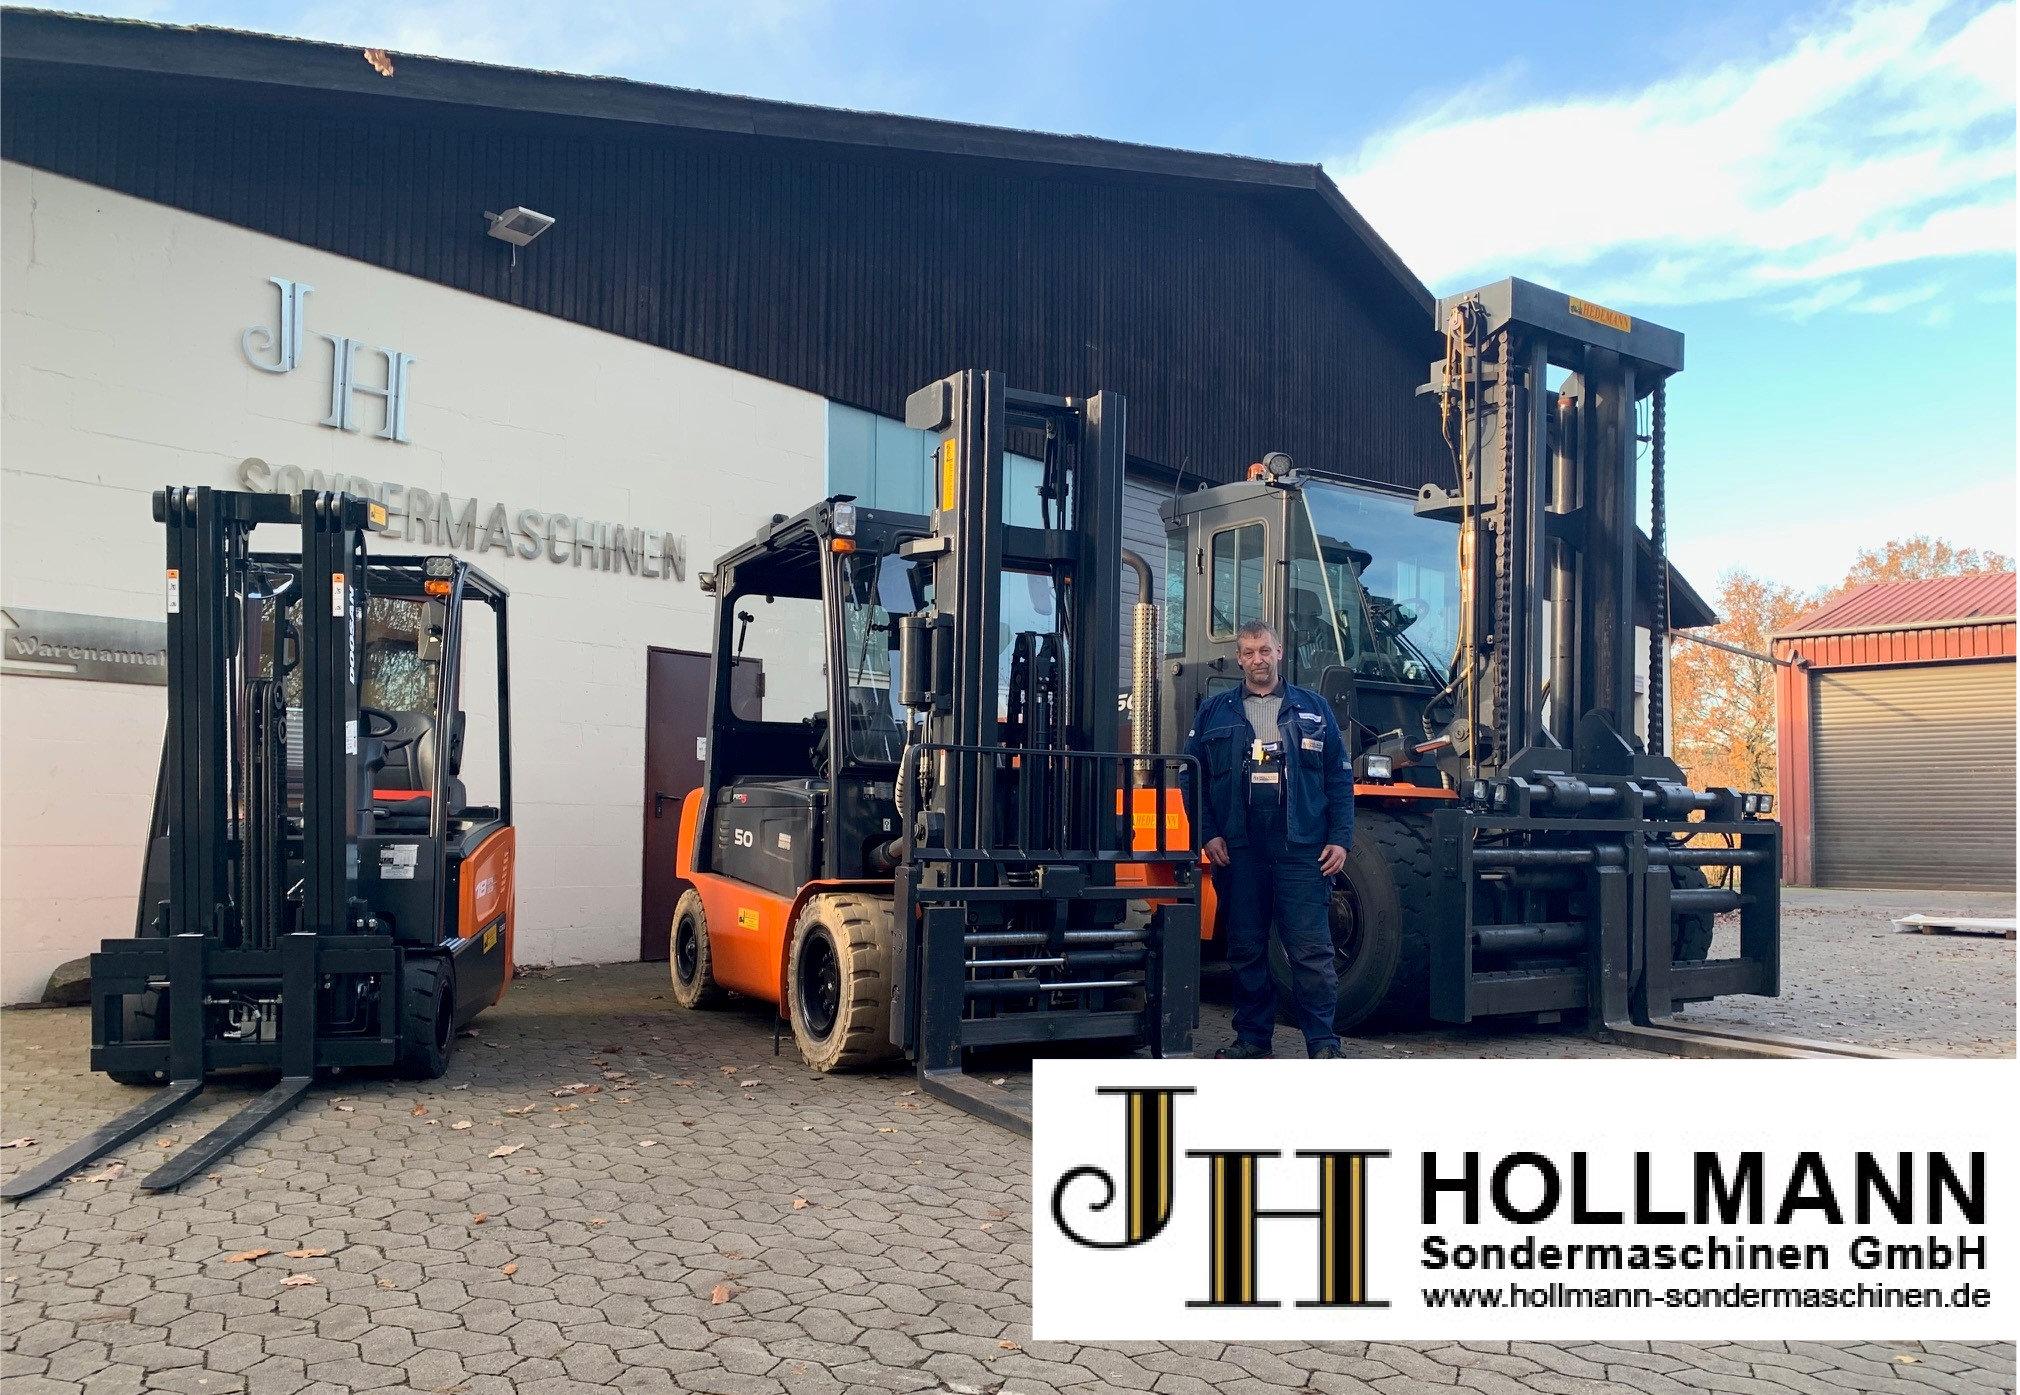 Hollmann Sondermaschinenbau überzeugt von Doosan-Qualität